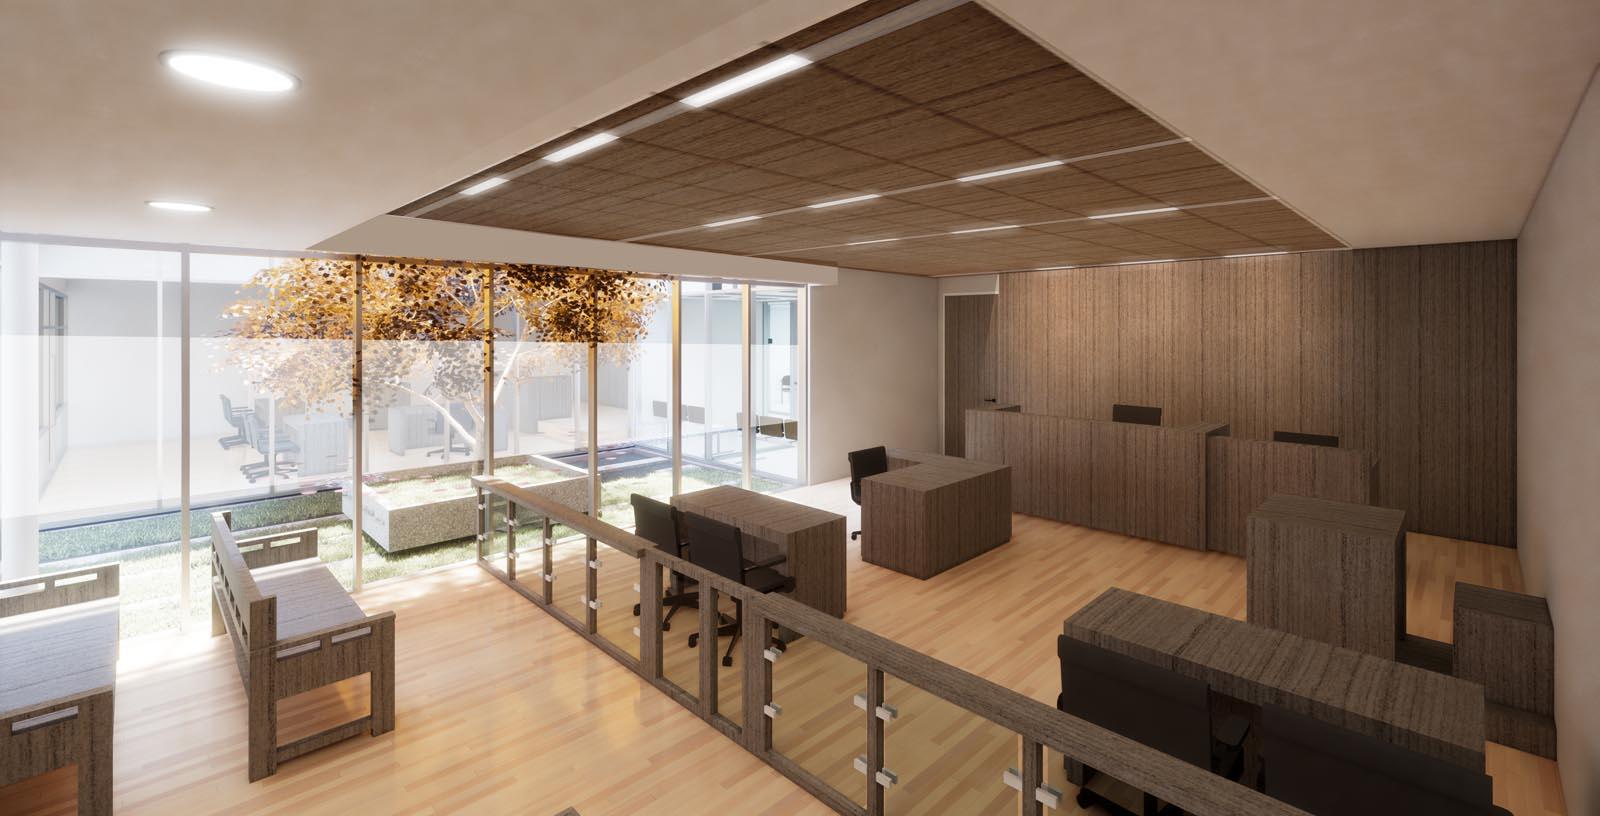 Vallenar_Court_07_Architecture_IDOM_copyright_IDOM